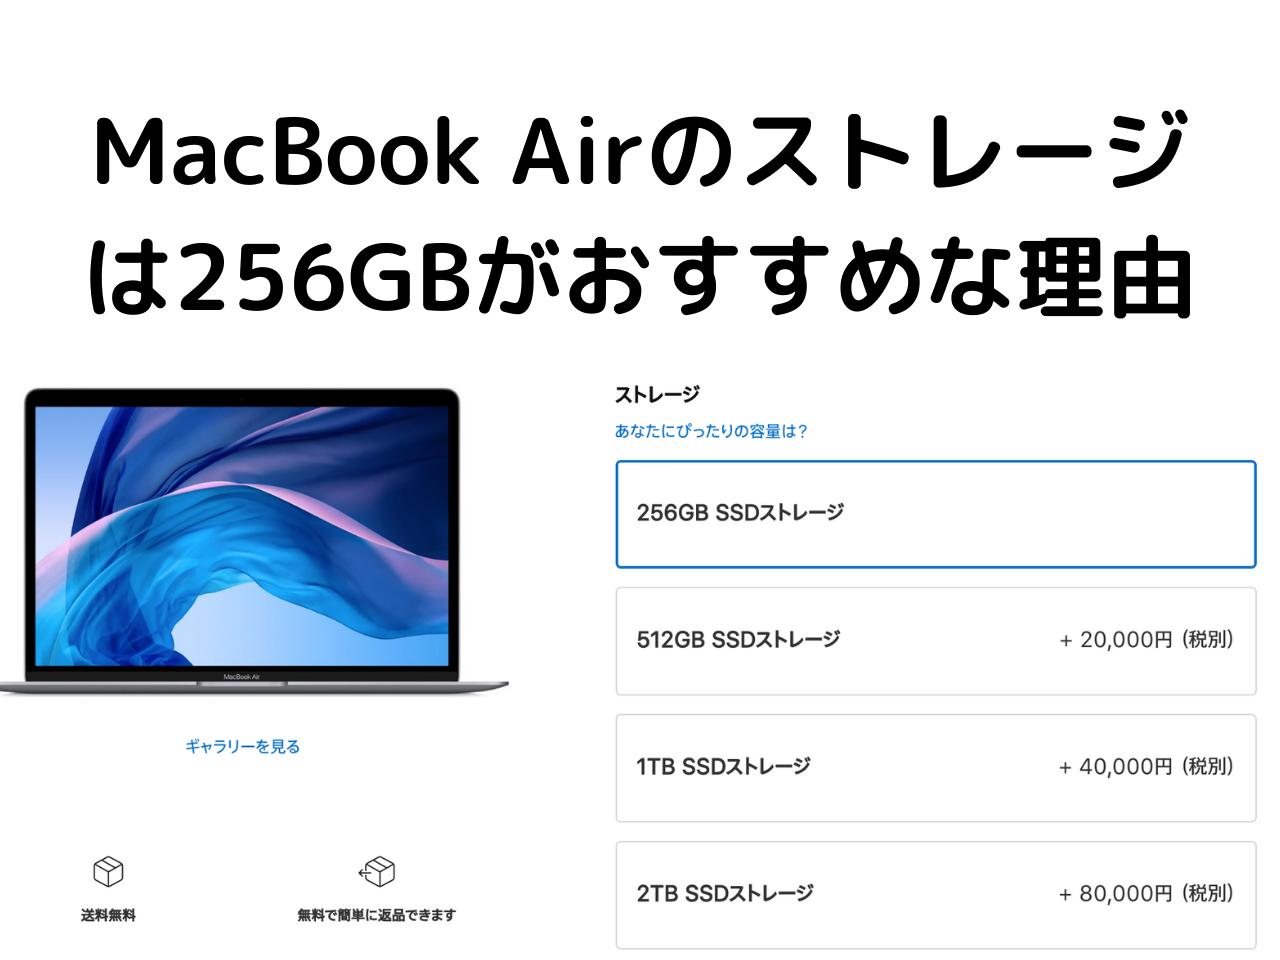 MacBook Airのストレージは256GBがおすすめな理由